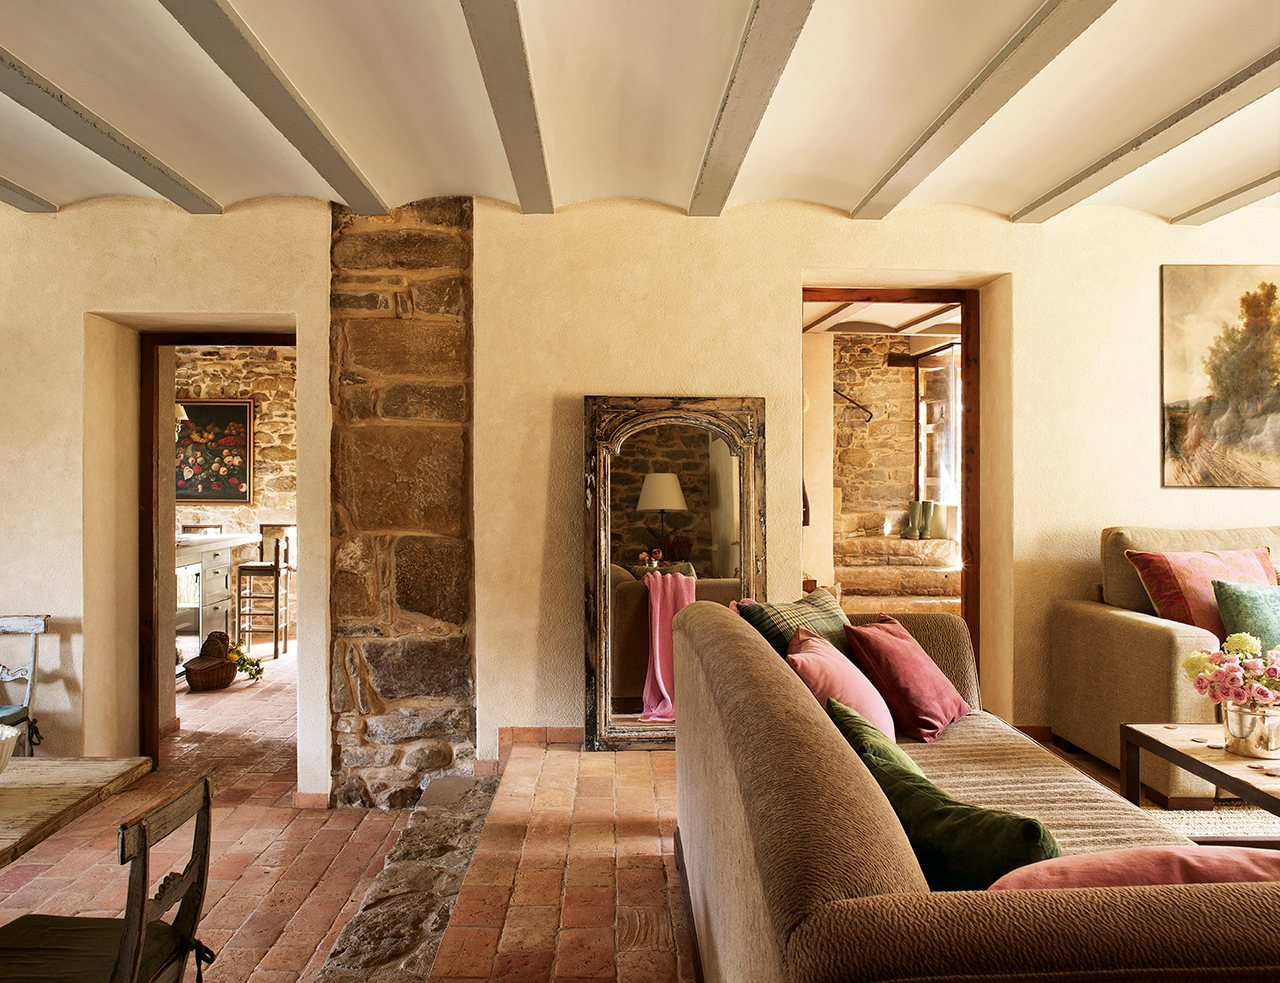 423 - Masía del s. XVI reconvertida en espectacular casa rural en La Garrotxa, Girona